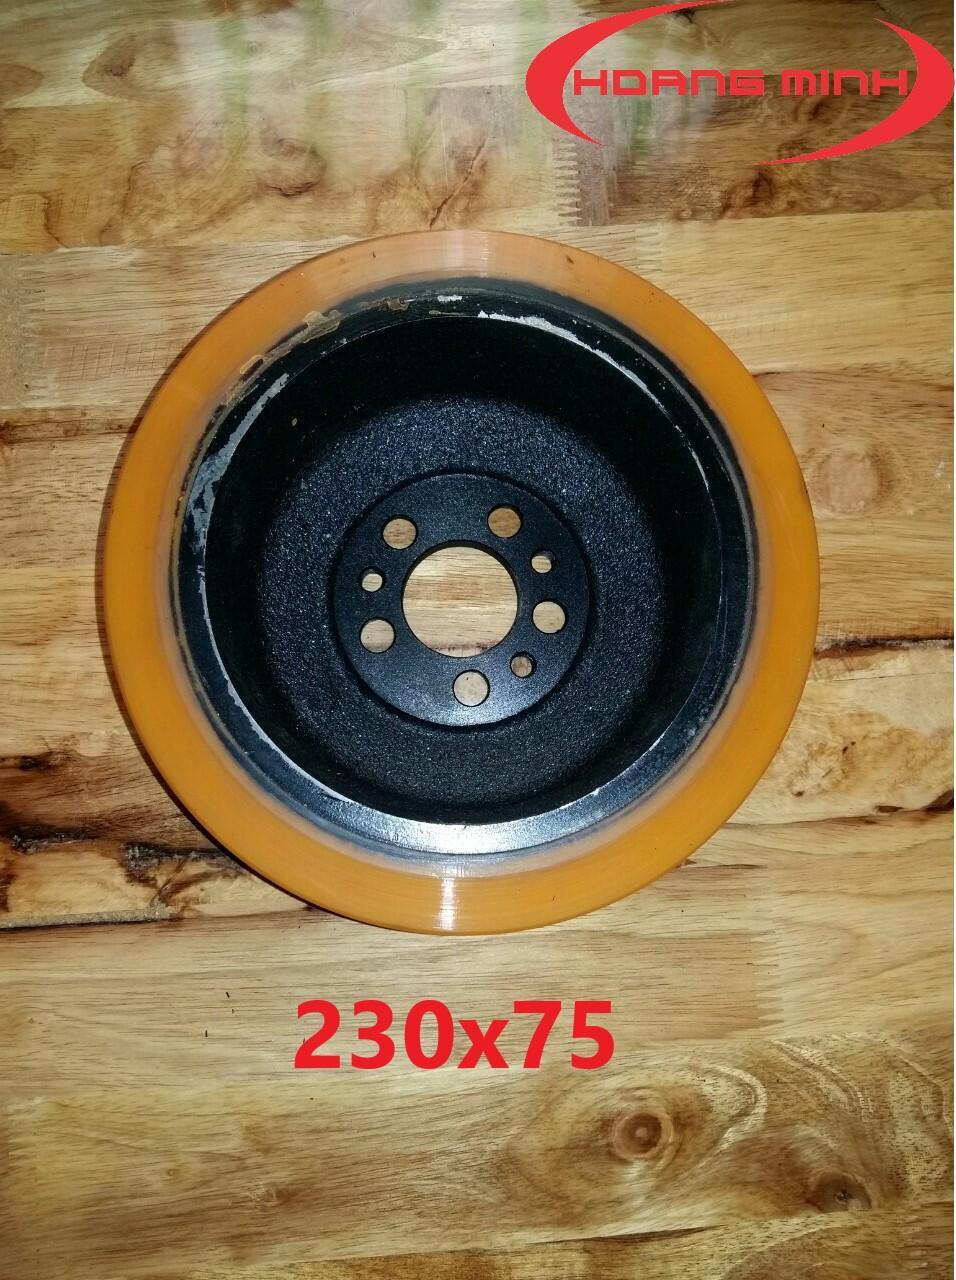 Bánh xe nâng điện Stacker 230x75- xenangtaynhat.com